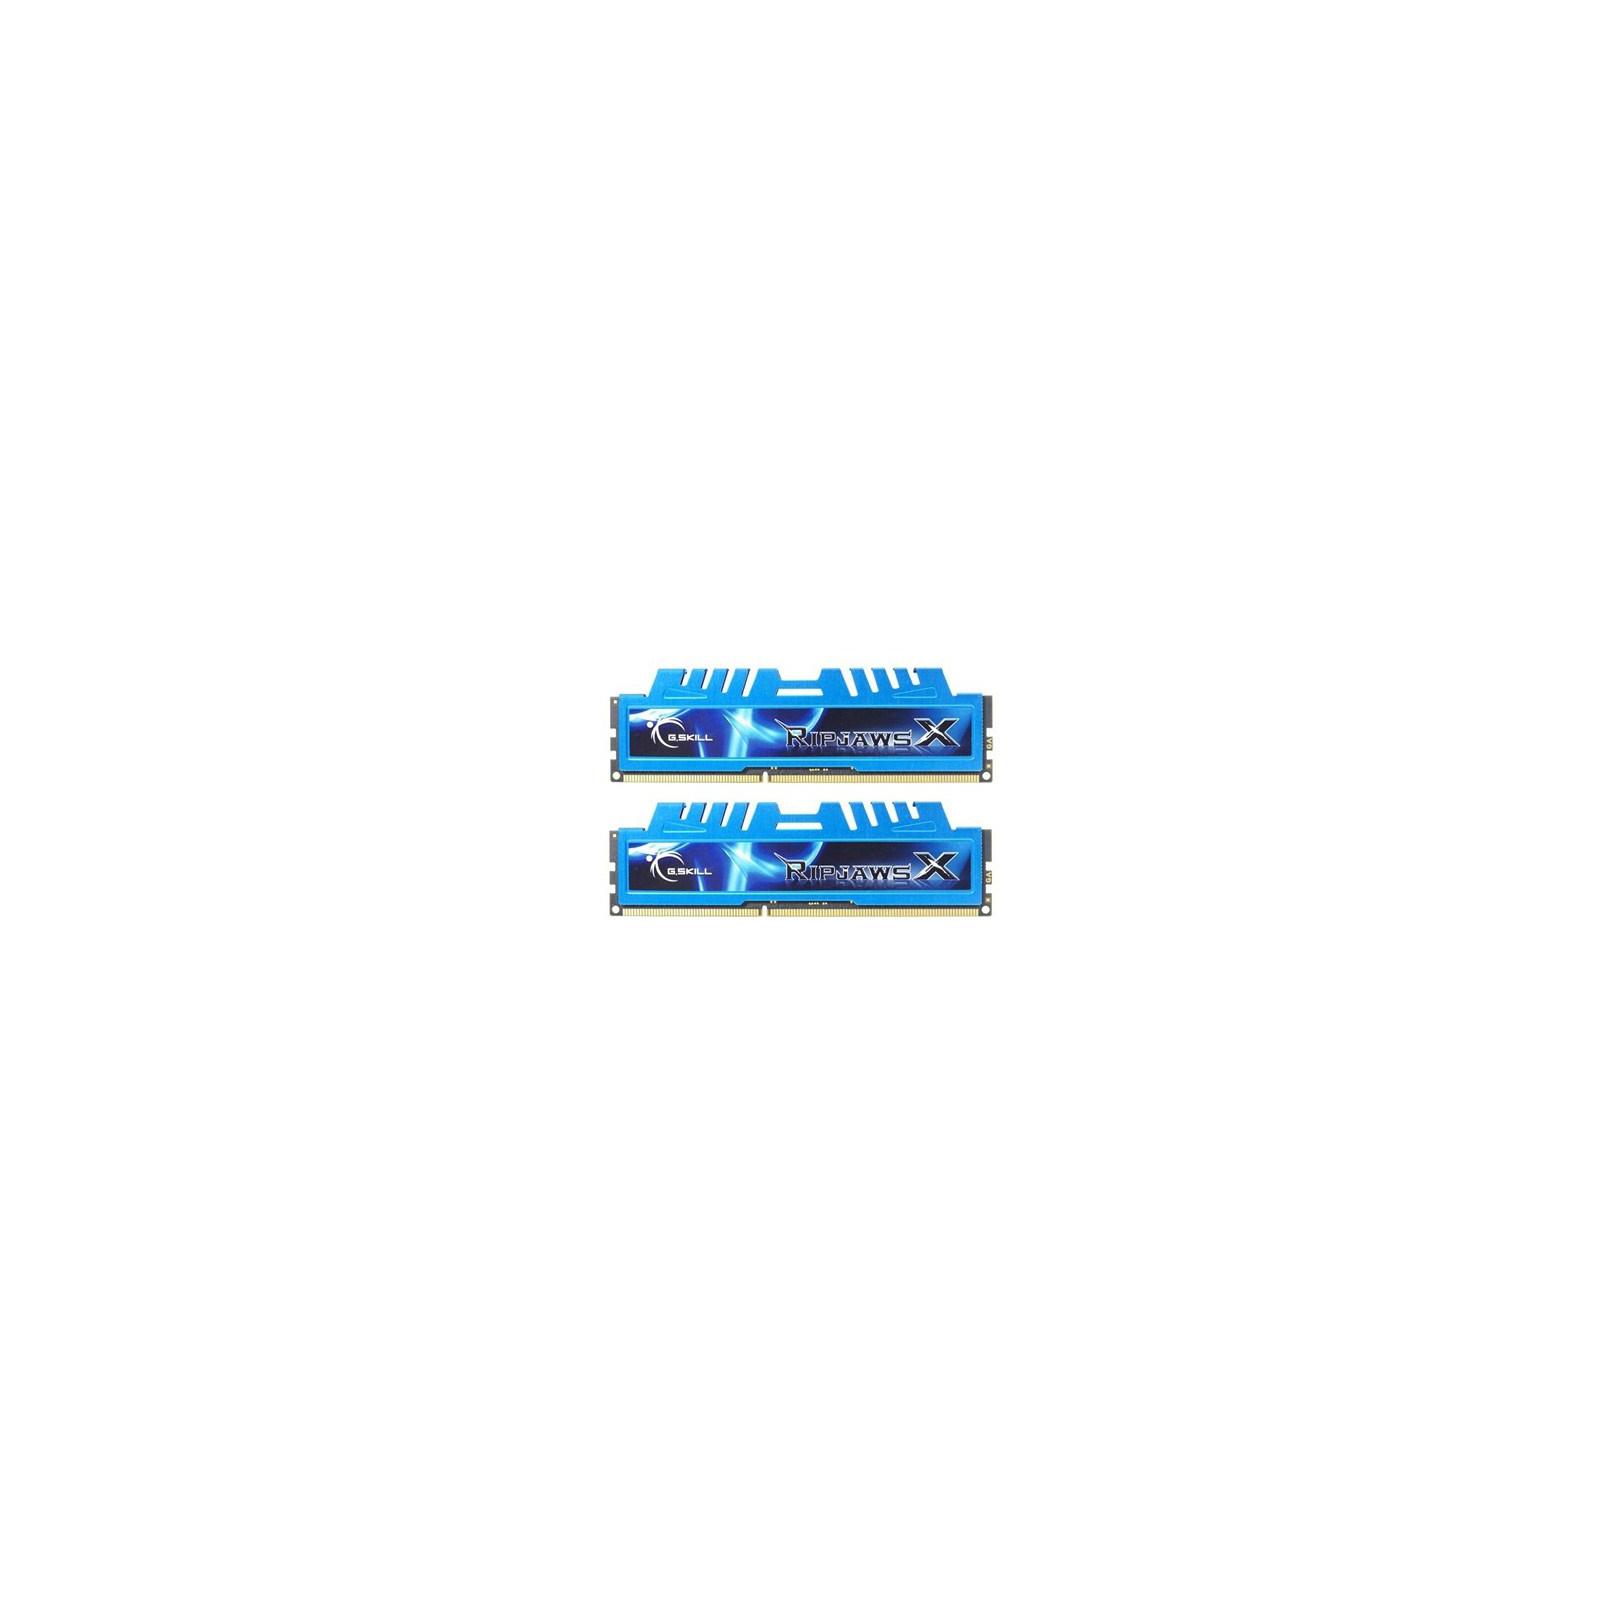 Модуль памяти для компьютера DDR3 4GB (2x2GB) 1333 MHz G.Skill (F3-10666CL8D-4GBXM)